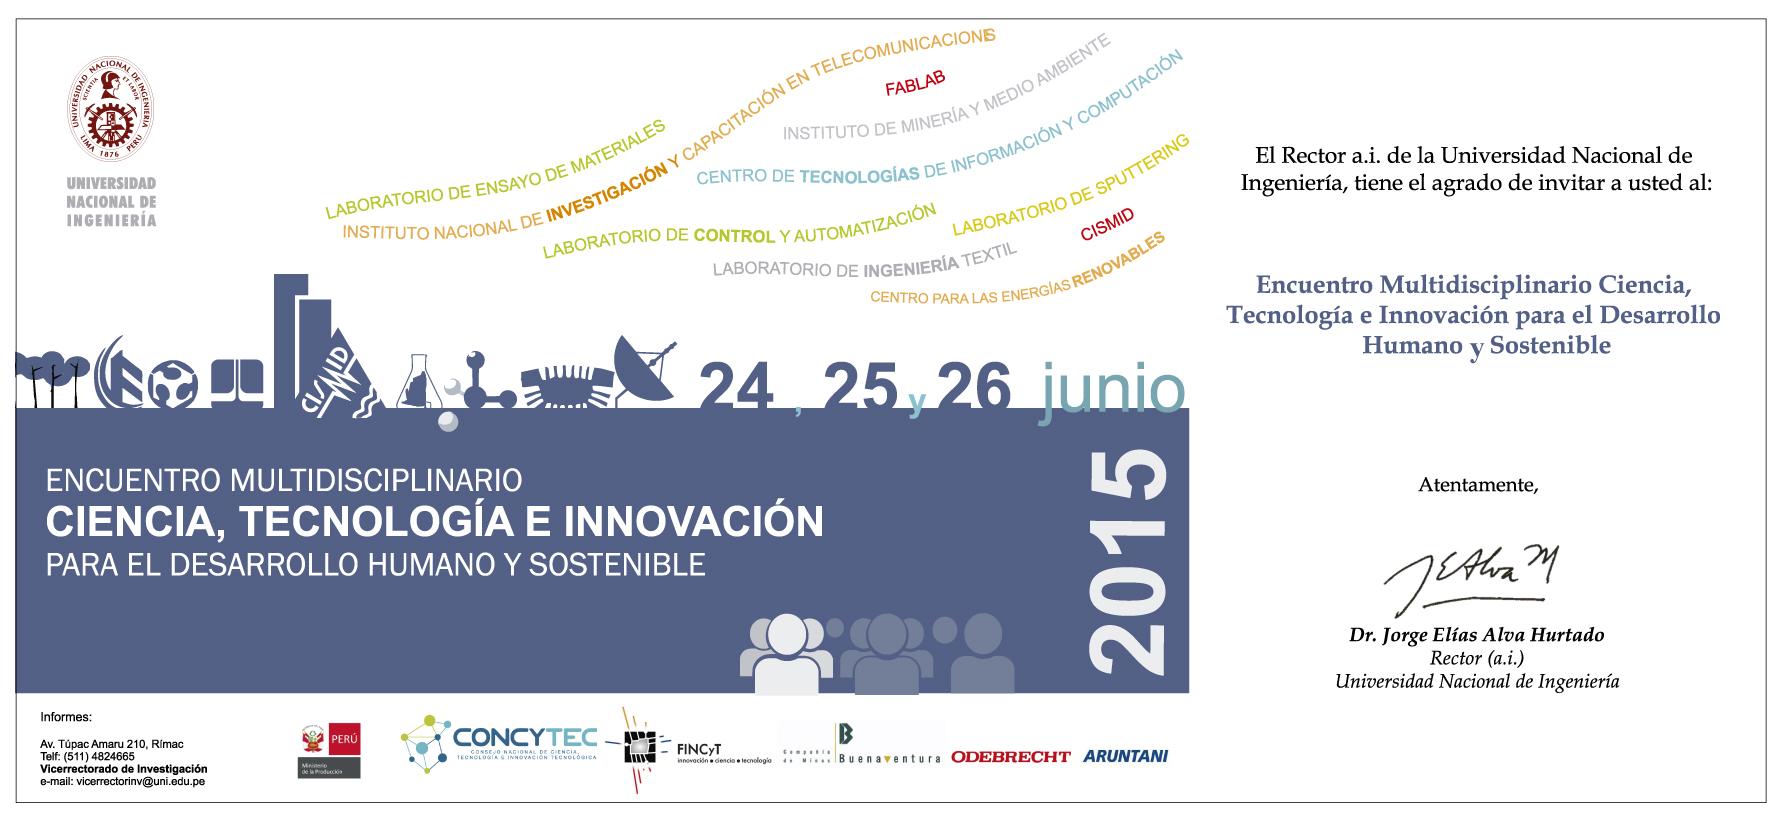 Programa del Encuentro Multidisciplinario Ciencia, Tecnología e Innovación Tecnológica para el Desarrollo Humano y Sostenible